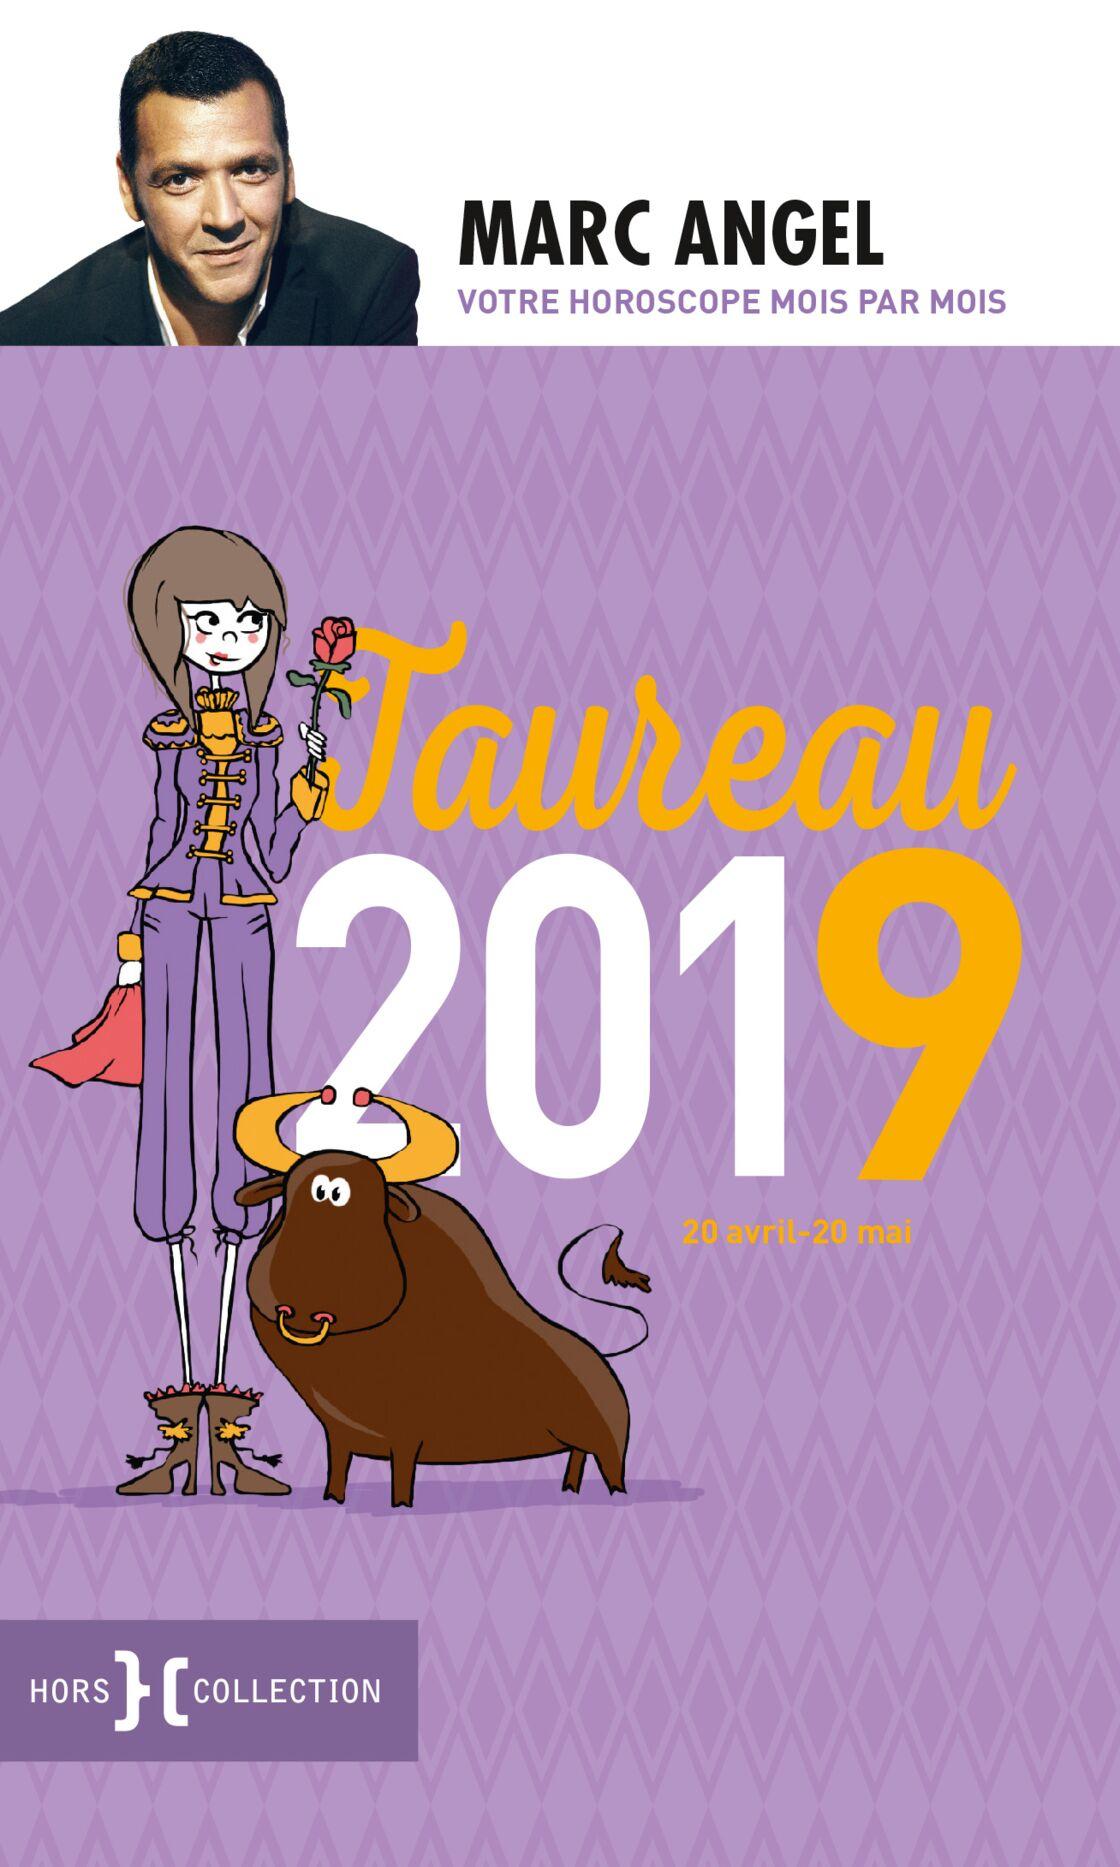 ed82b64eb366 Horoscope du Taureau en 2019 mois par mois   Femme Actuelle Le MAG